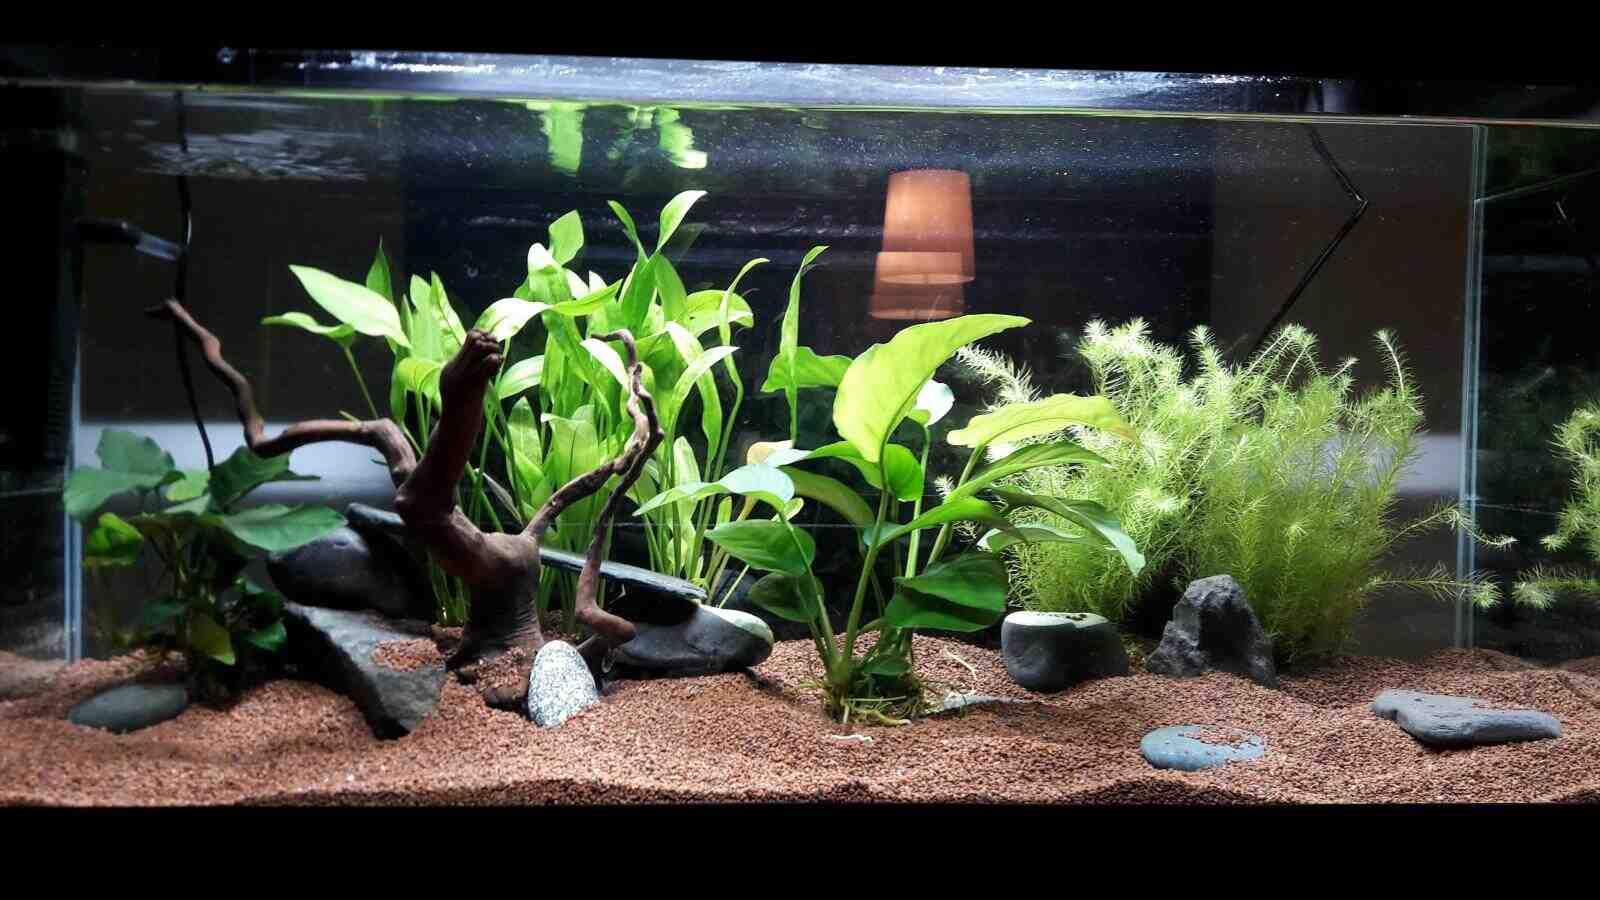 Quelle plante mettez-vous dans un aquarium?